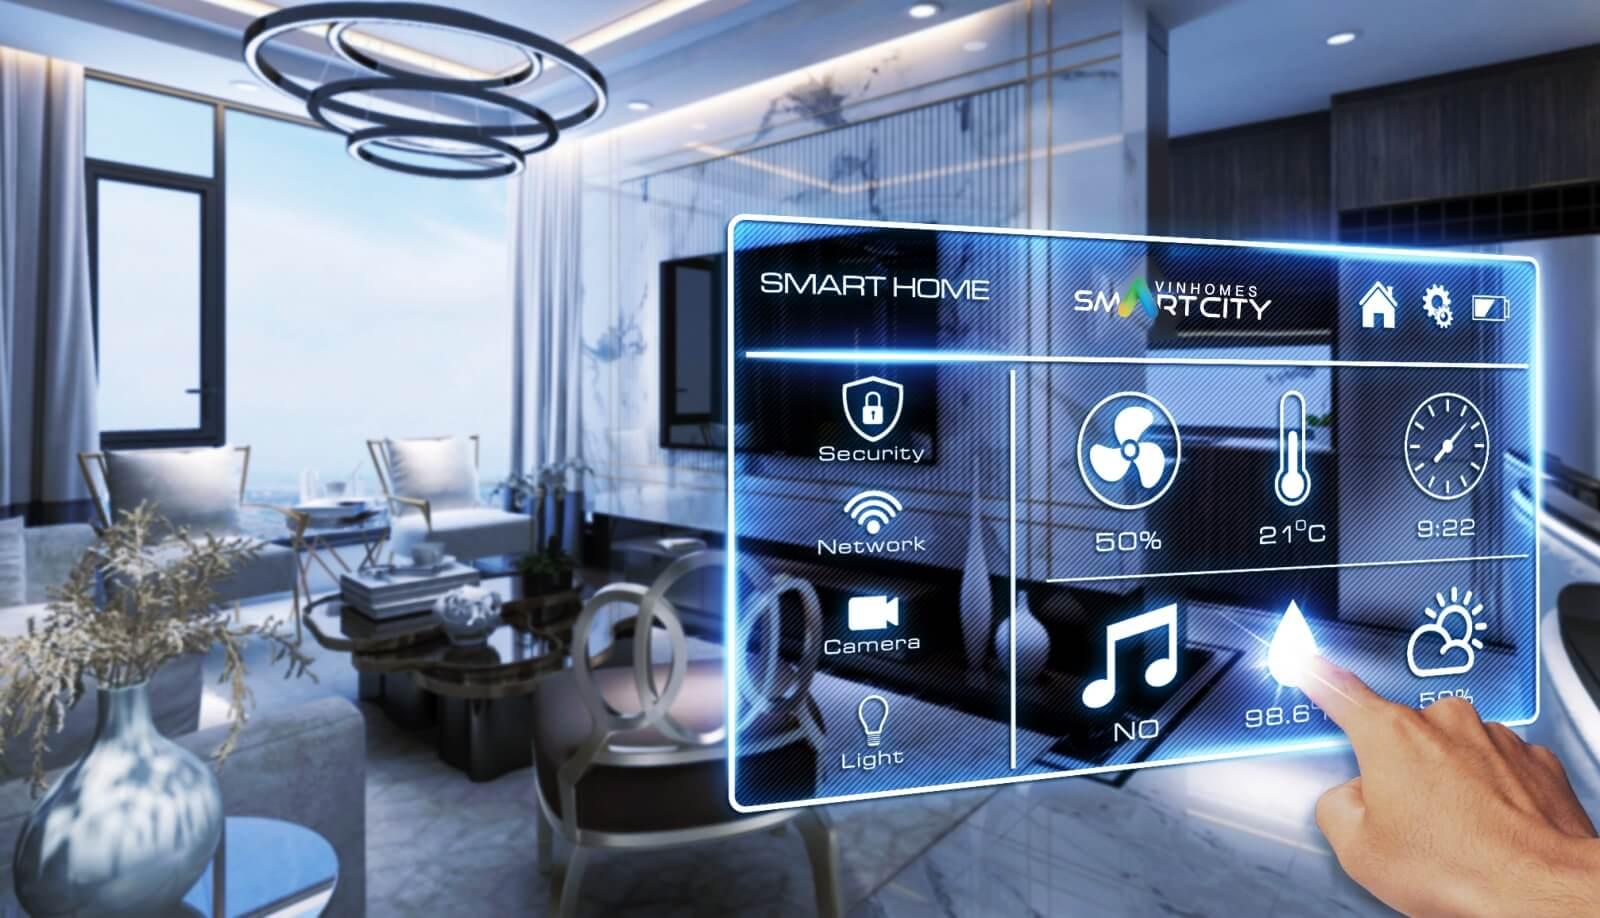 Căn hộ thông minh Vinhomes Smart City